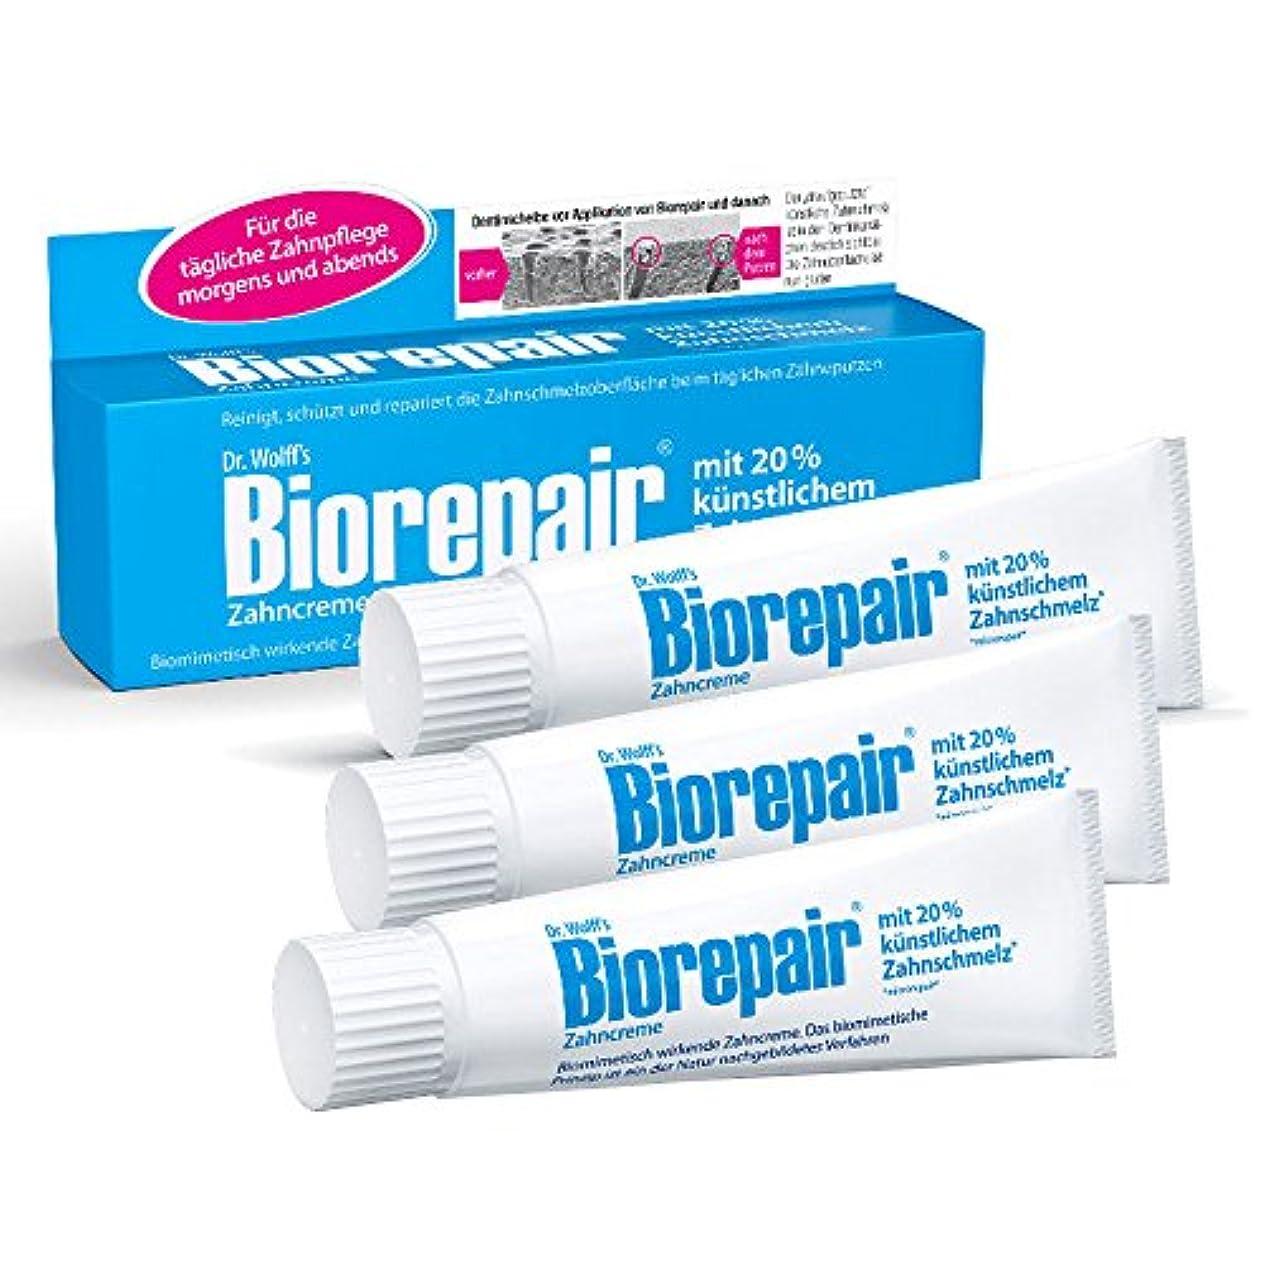 遠征大胆なゴミ箱Biorepair 歯磨き粉オリジナル、75ml 歯の保護 耐摩耗性 x 3 [並行輸入品]